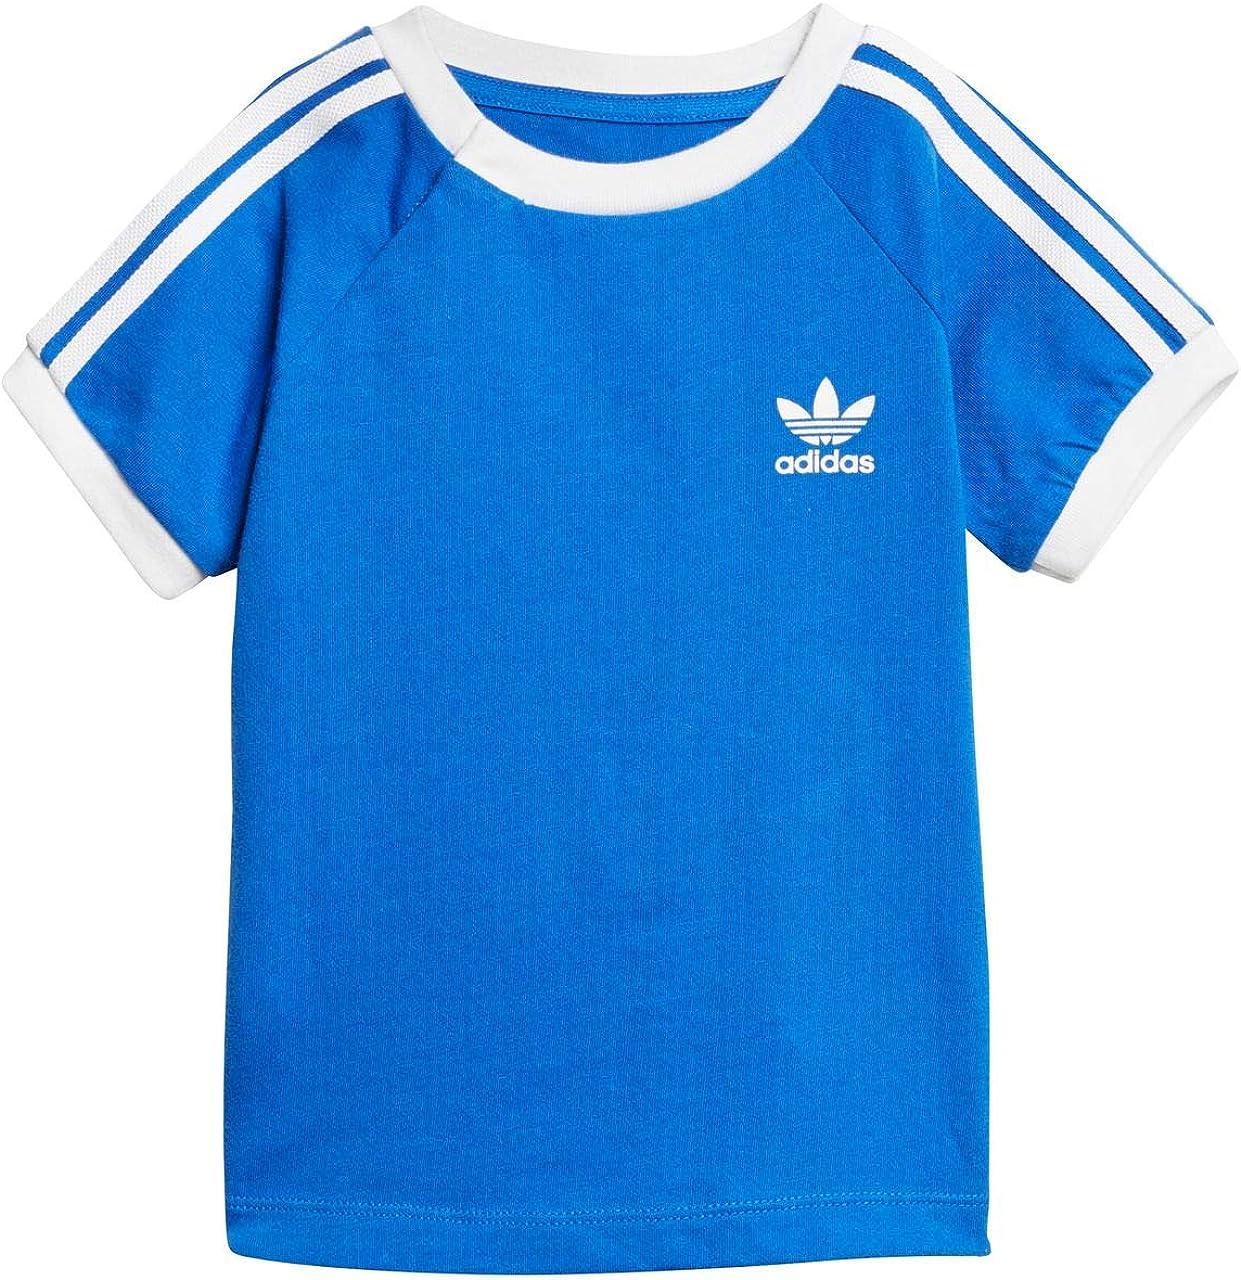 Camiseta Beb/é-Ni/ños adidas I Clfrn